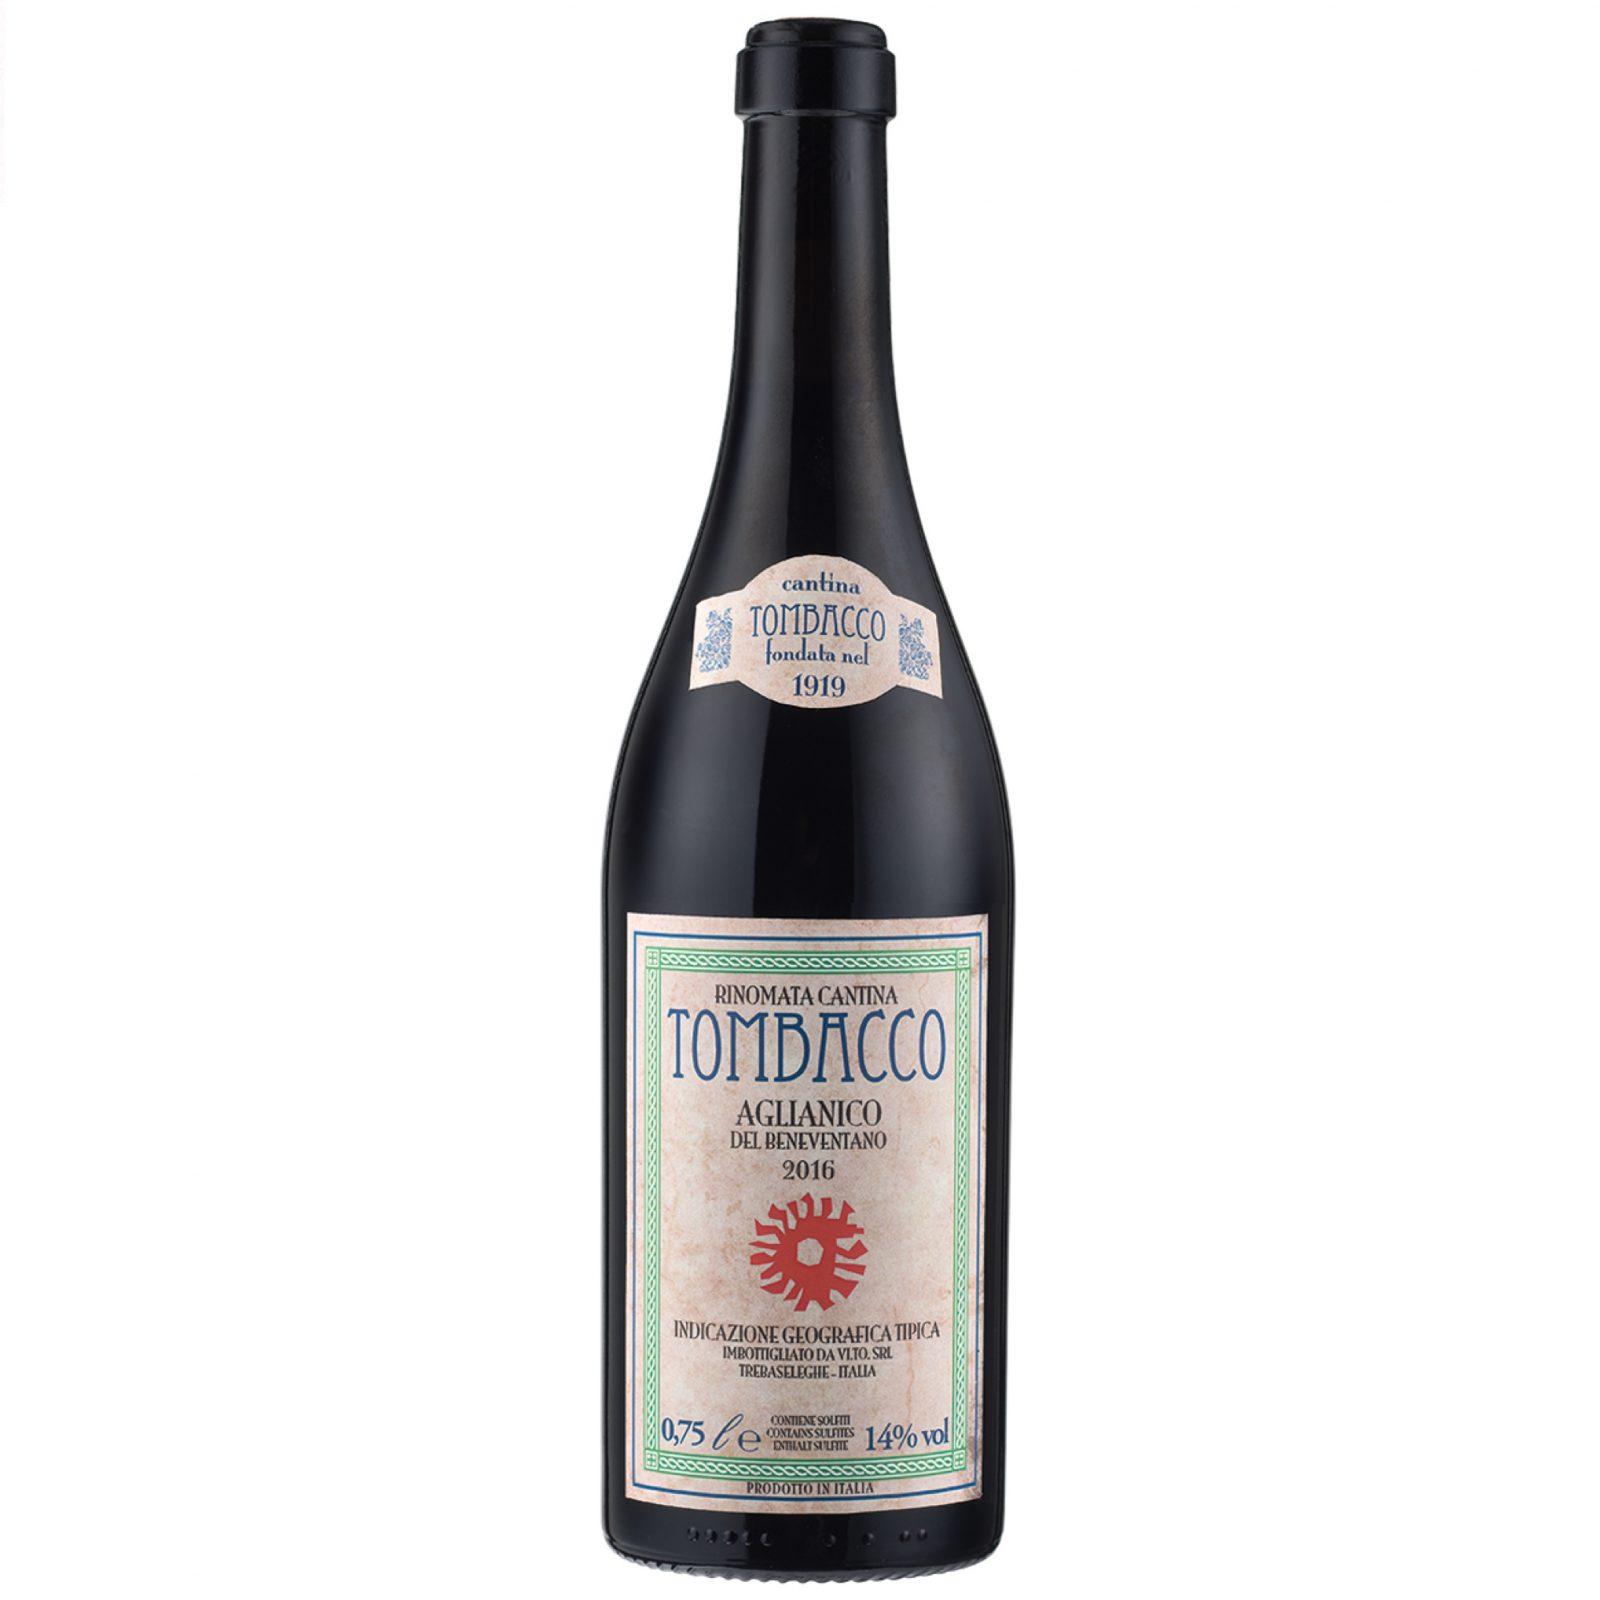 Tombacco-Aglianico-del-Beneventano-wijn-van-ons